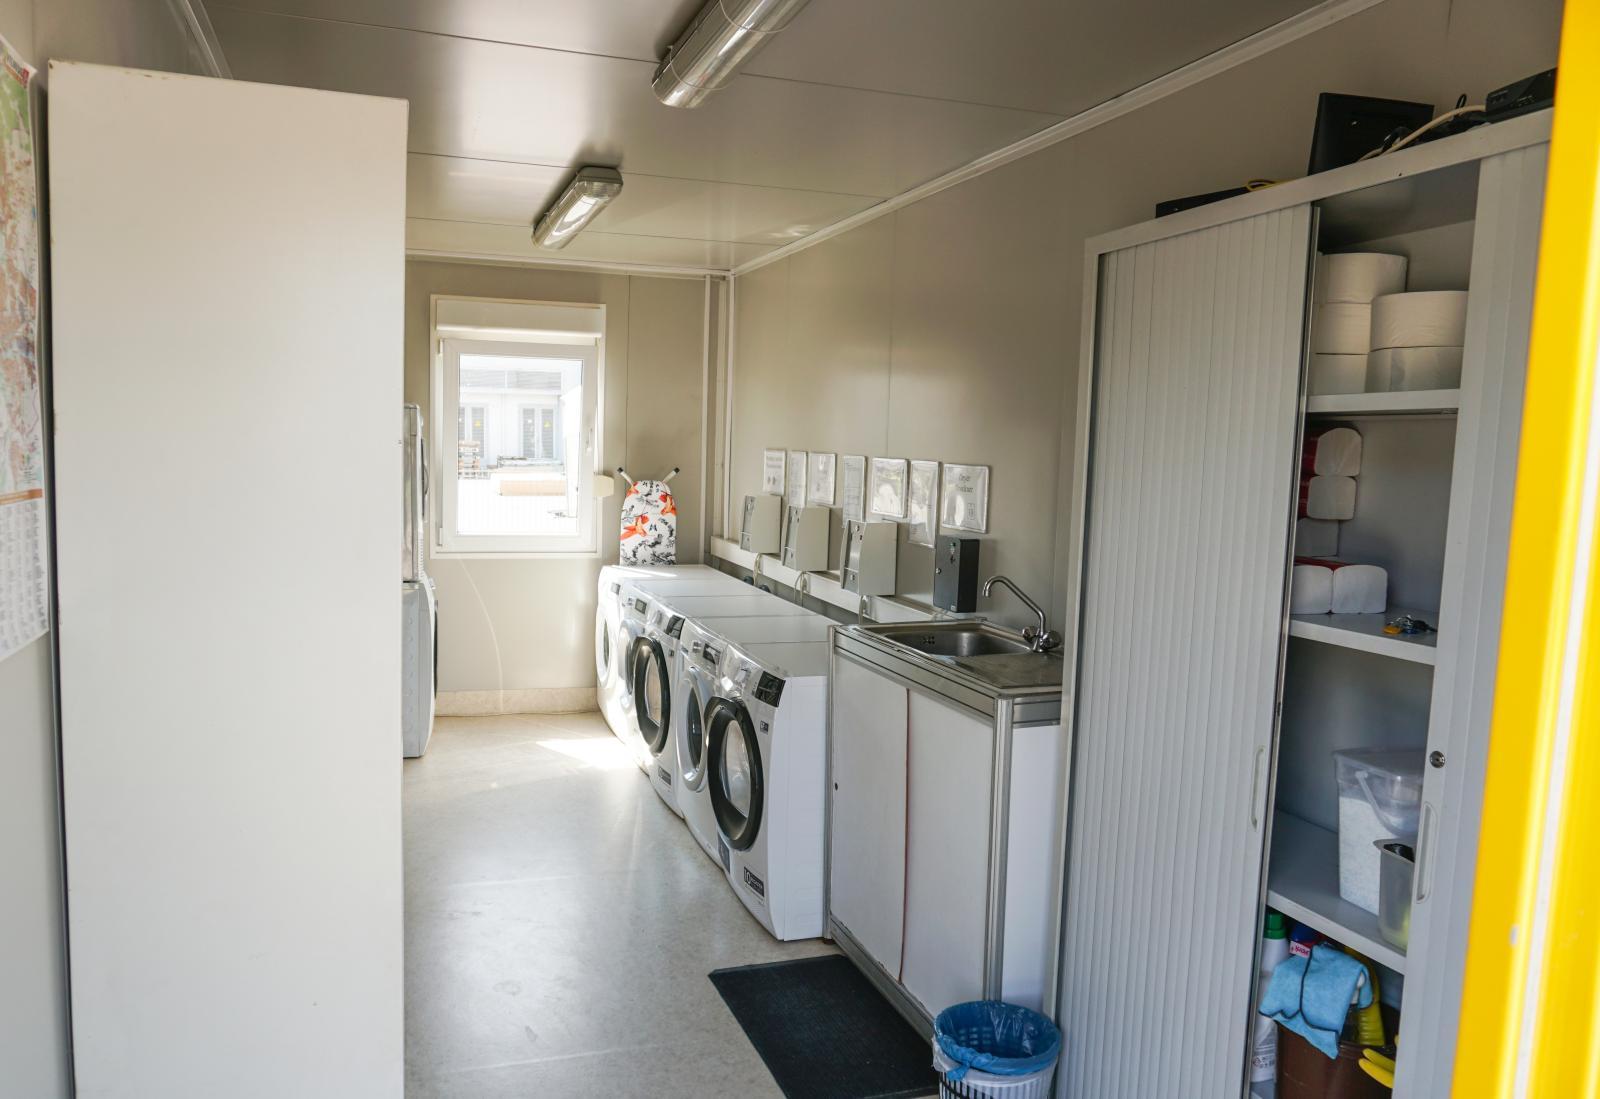 Moderna tvättmaskiner och torktumlare mot avgift. Kök och tv-rum finns.